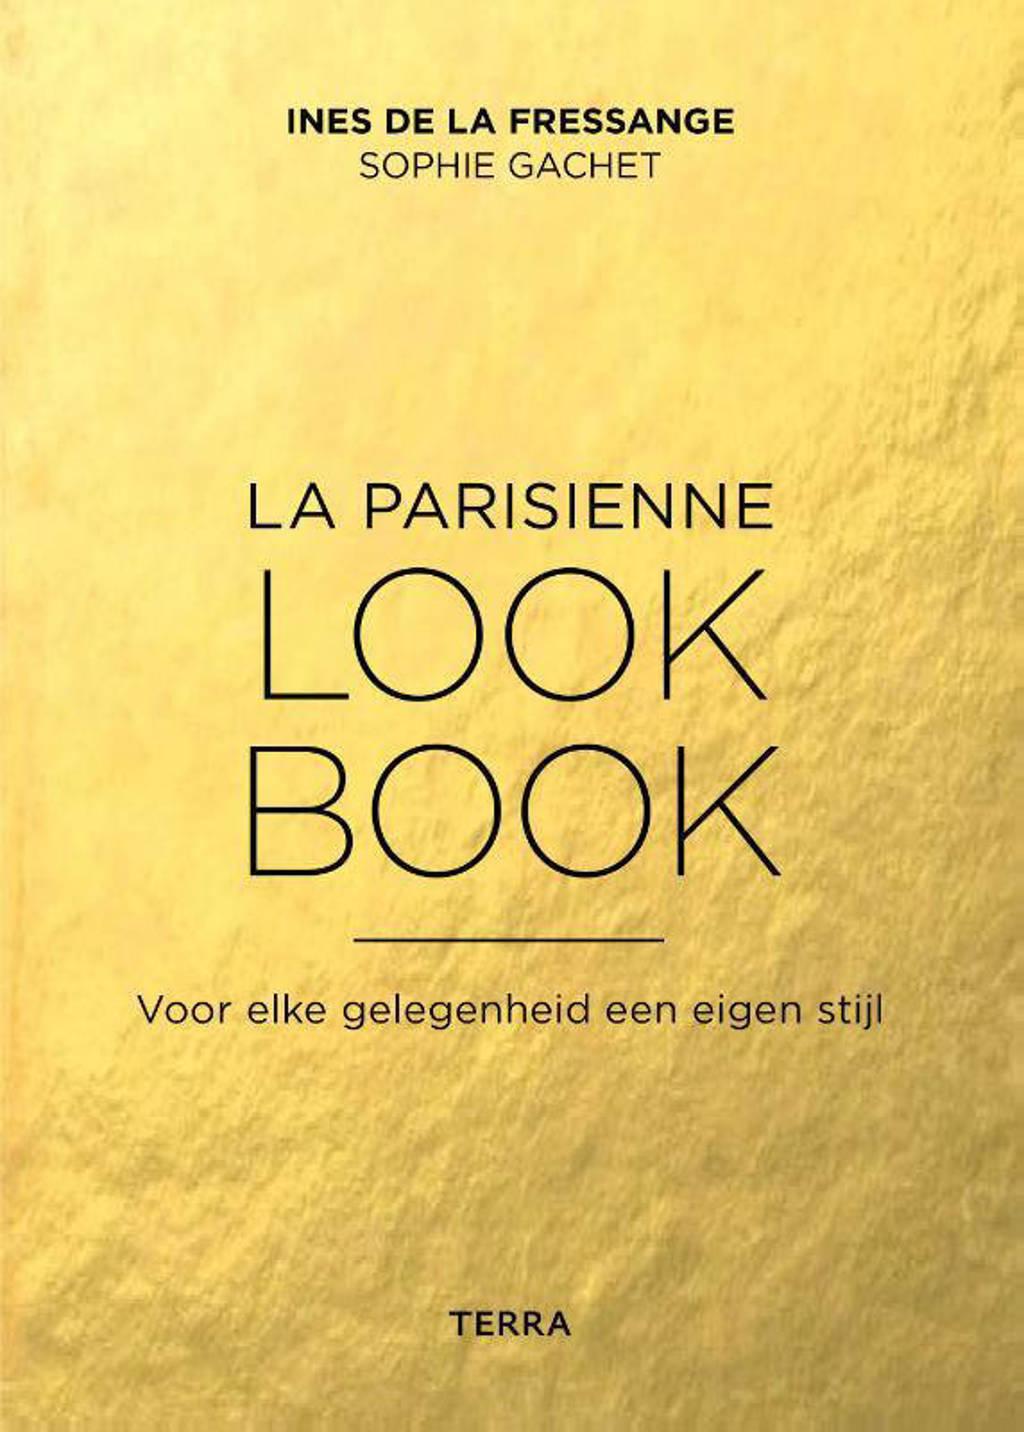 La Parisienne look book - Ines de la Fressange en Sophie Gachet